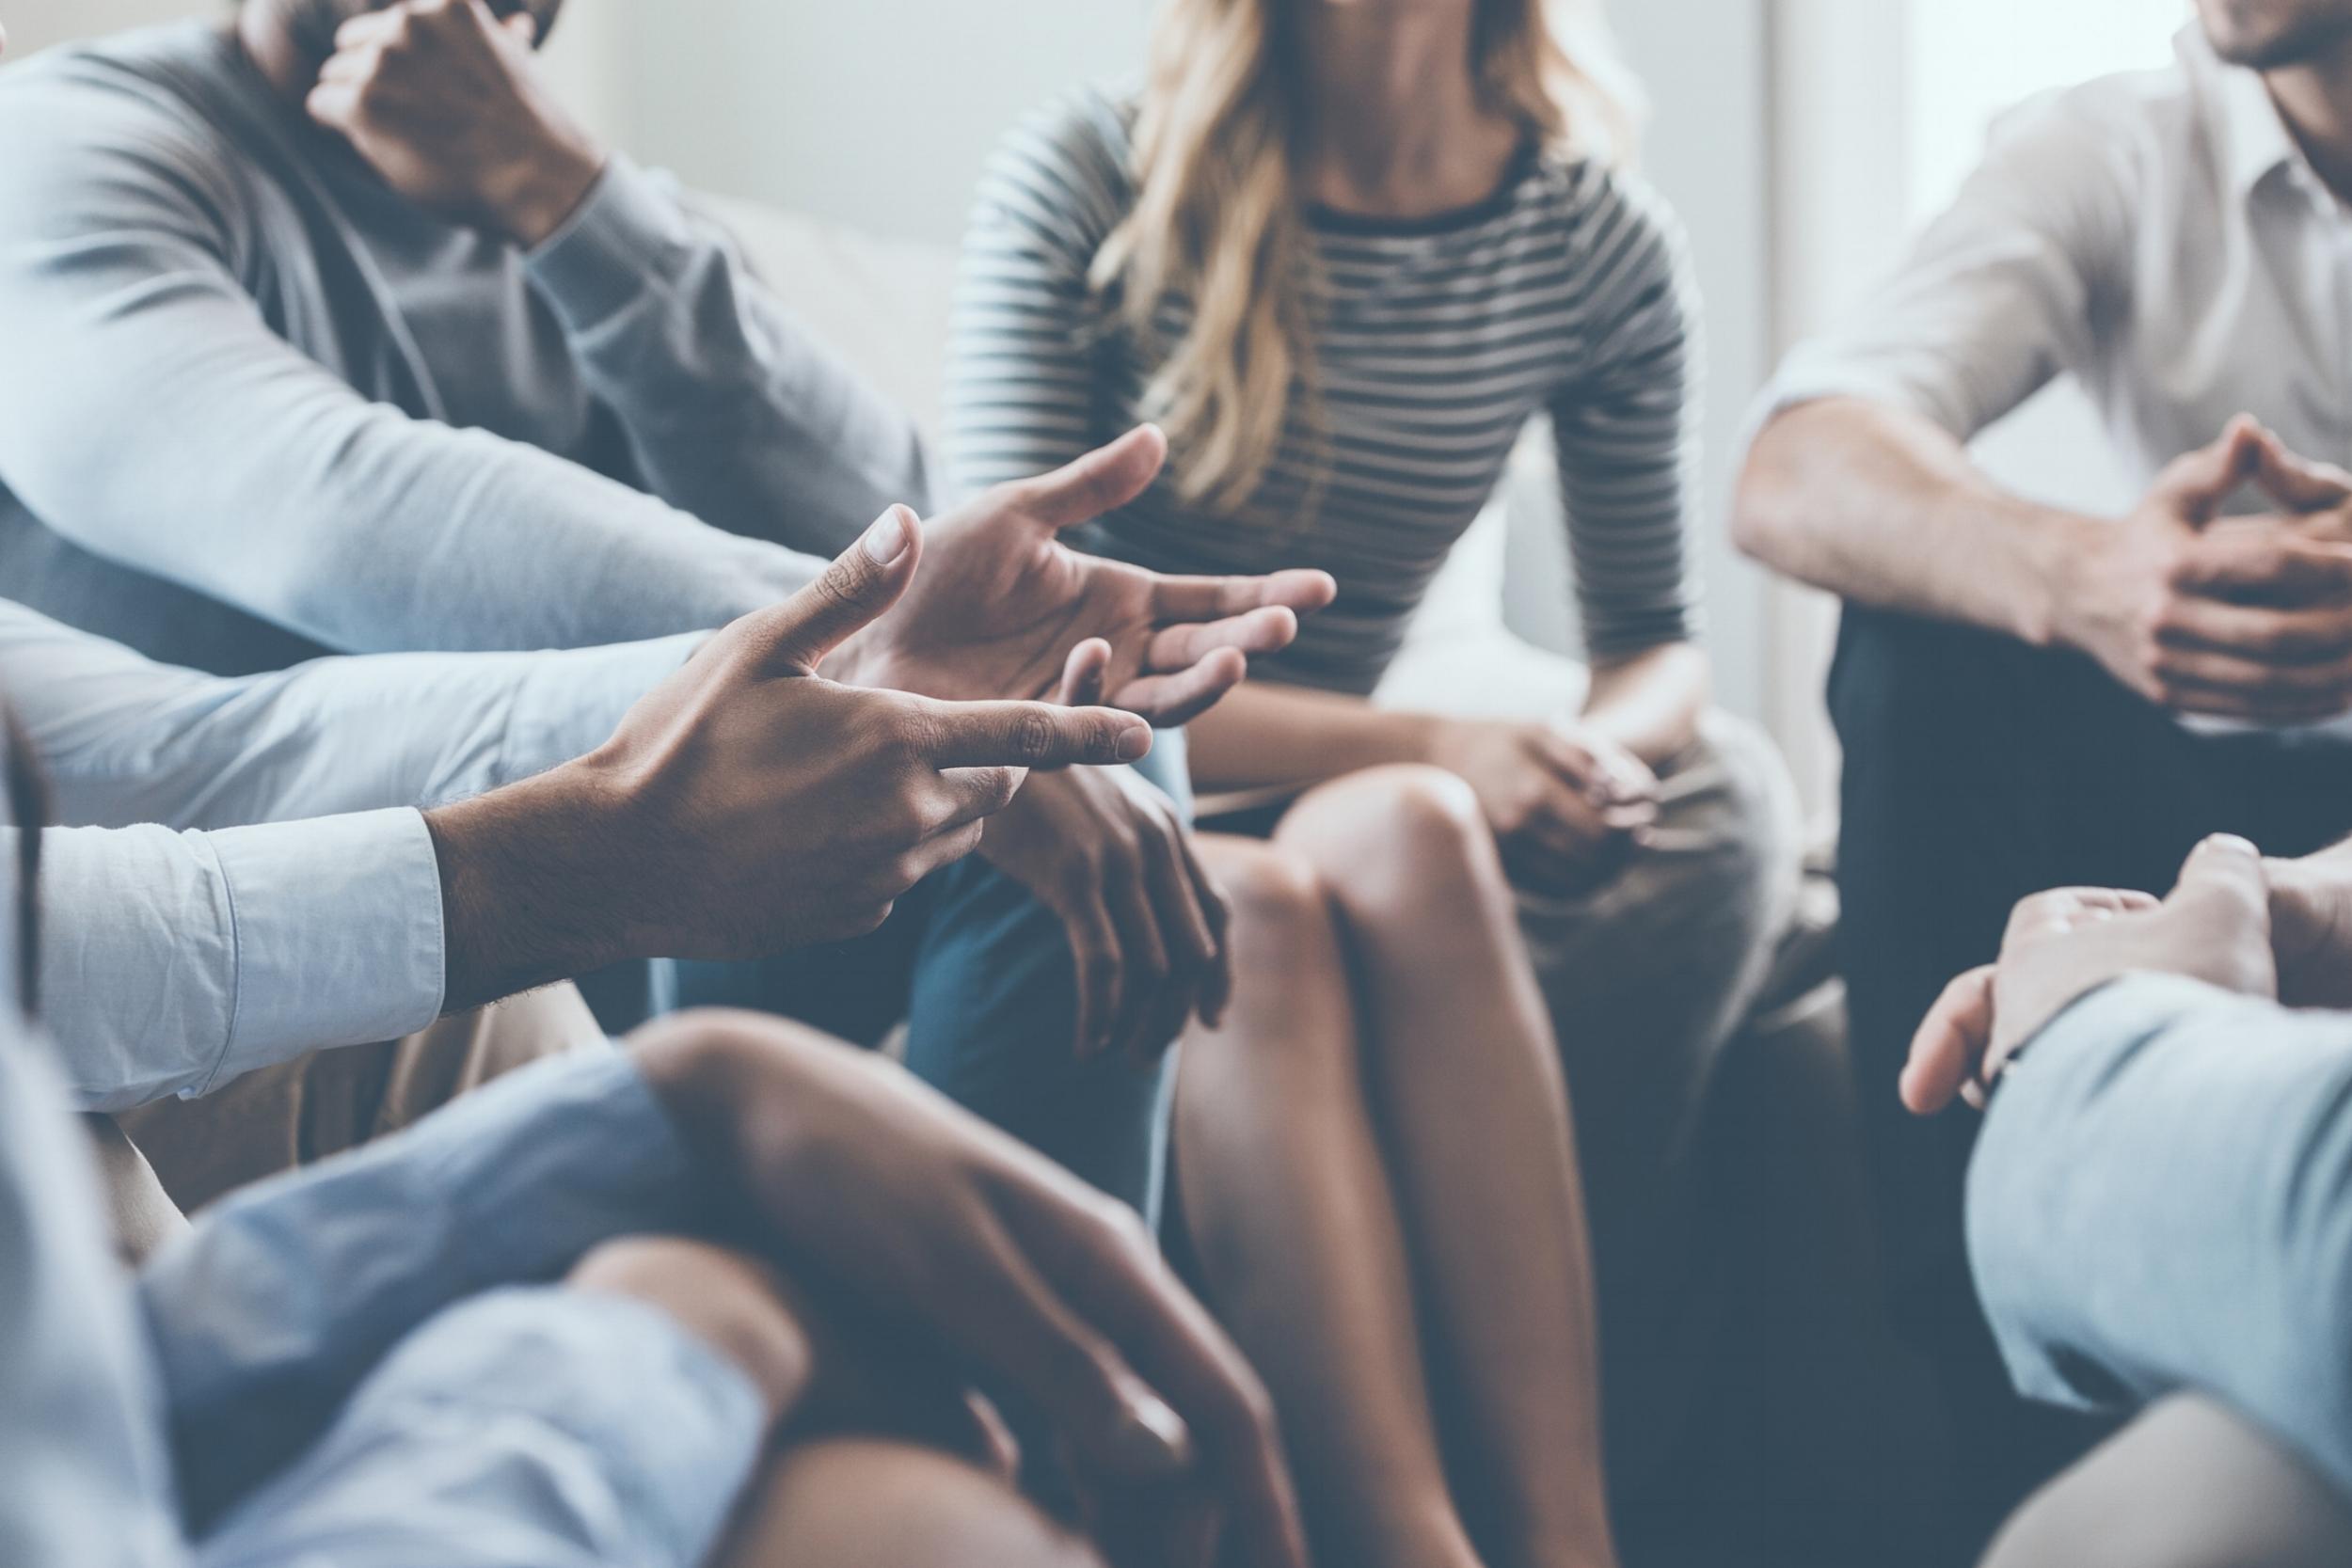 Business coaching - Business Coachingista tukea henkilöstön ja liiketoiminnan strategiseen kasvuun.